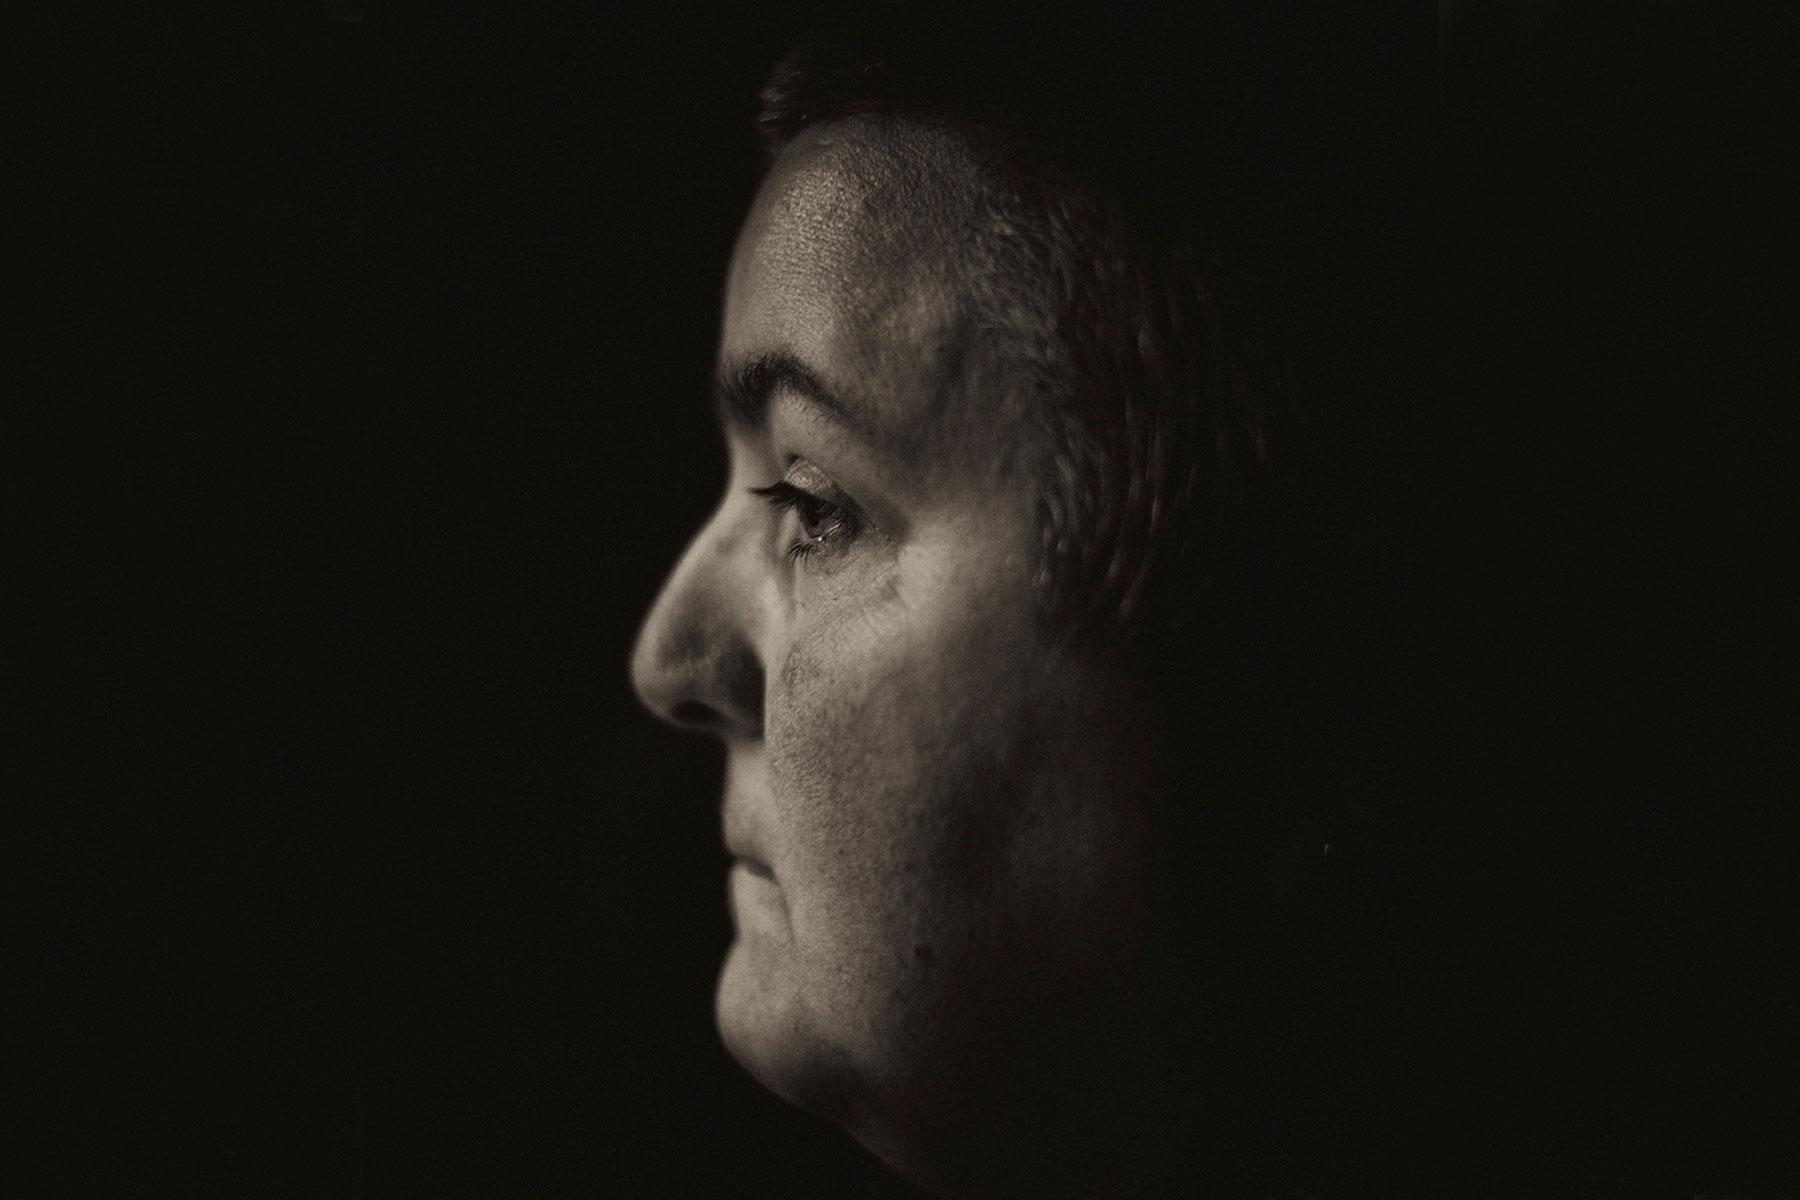 side-portrait-dark-london.jpg